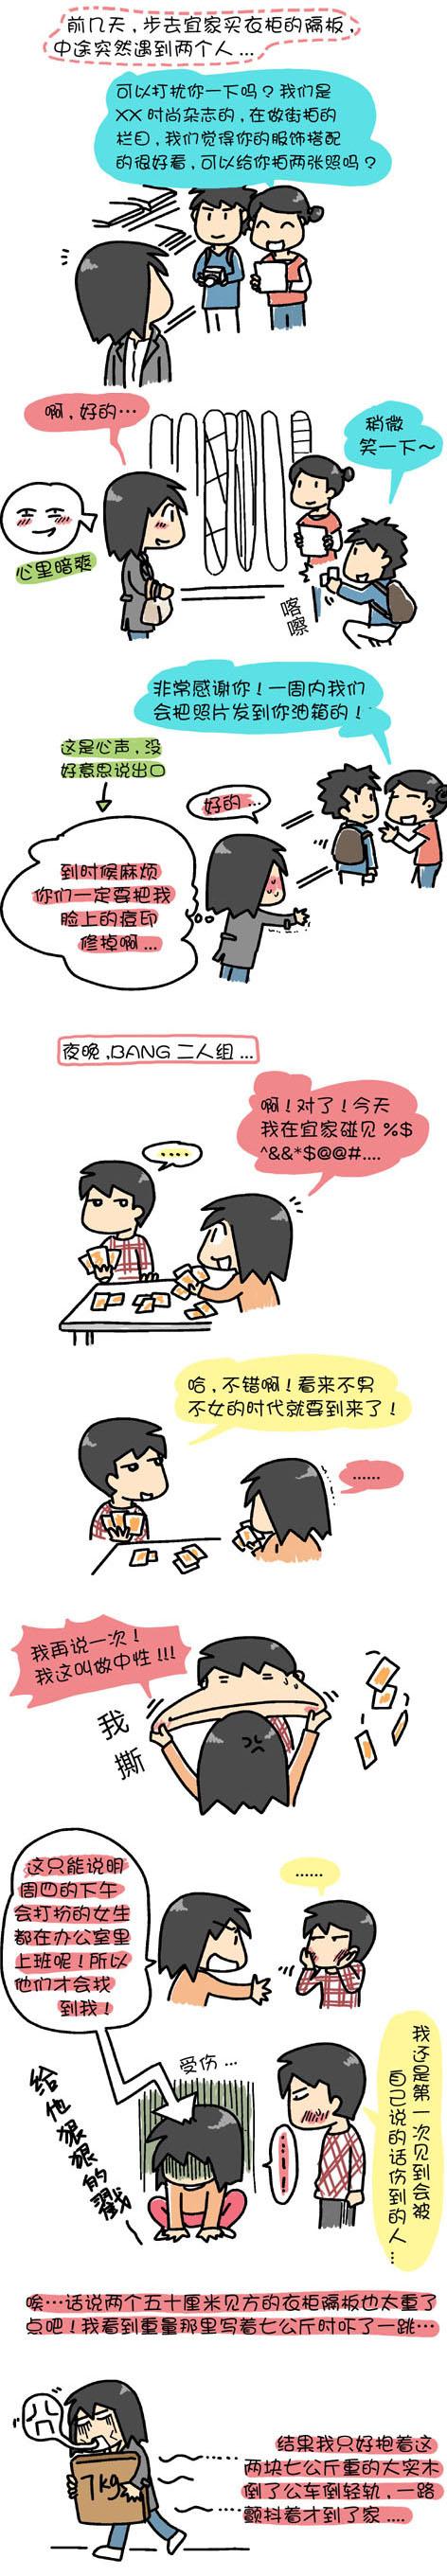 日记 [2008年03月28日] - 小步 - 小步漫画日记